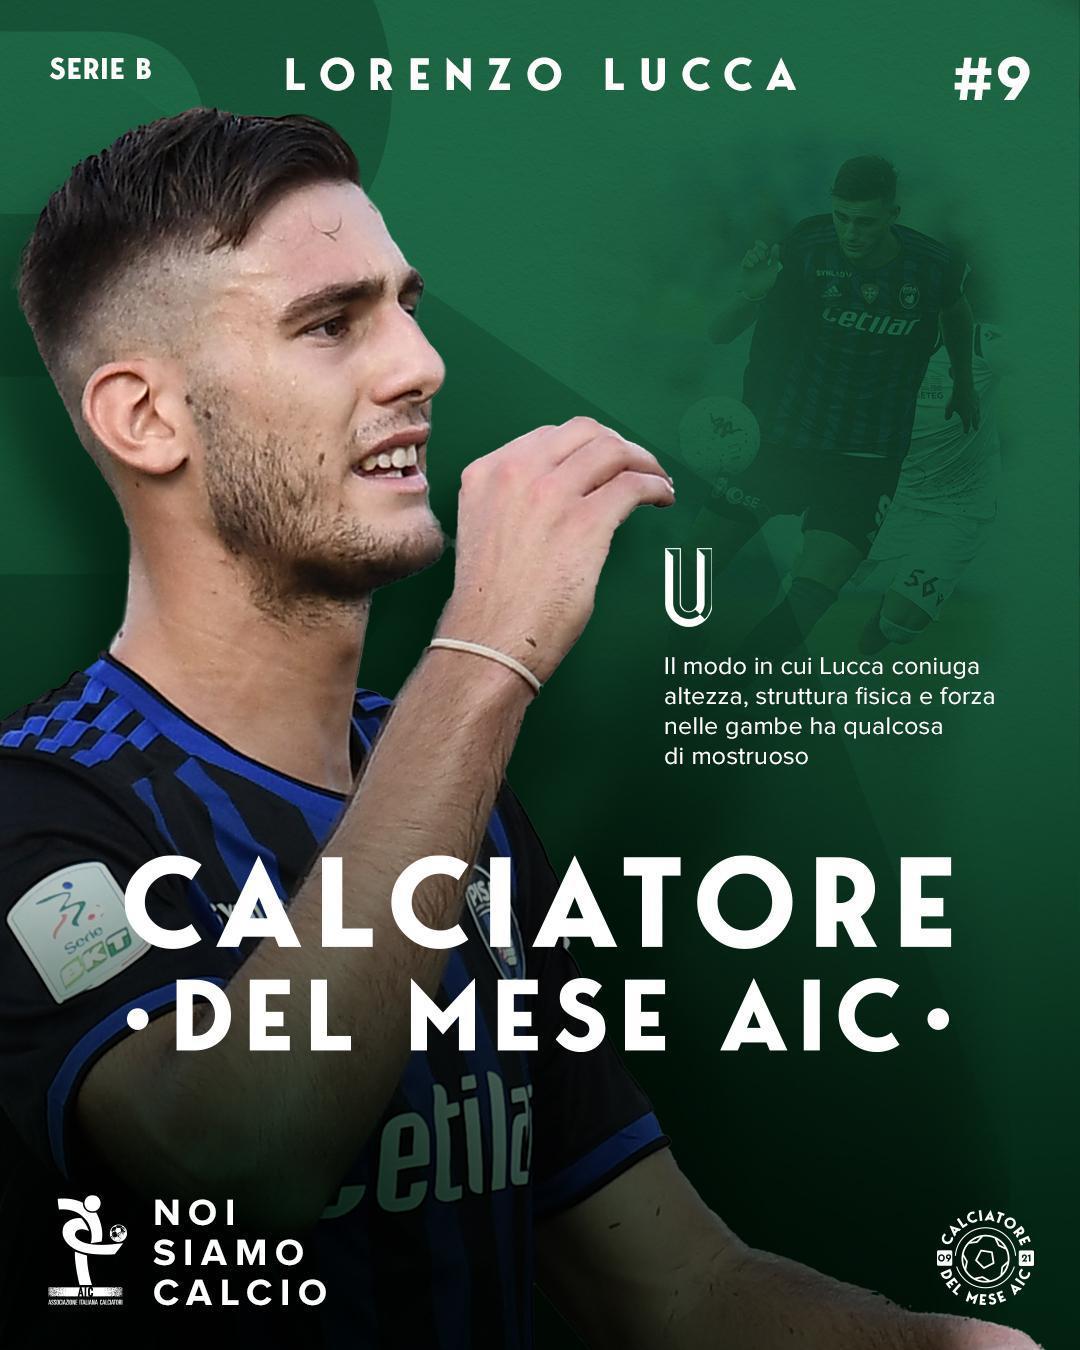 Calciatore del mese AIC settembre '21 Serie B, Lorenzo Lucca